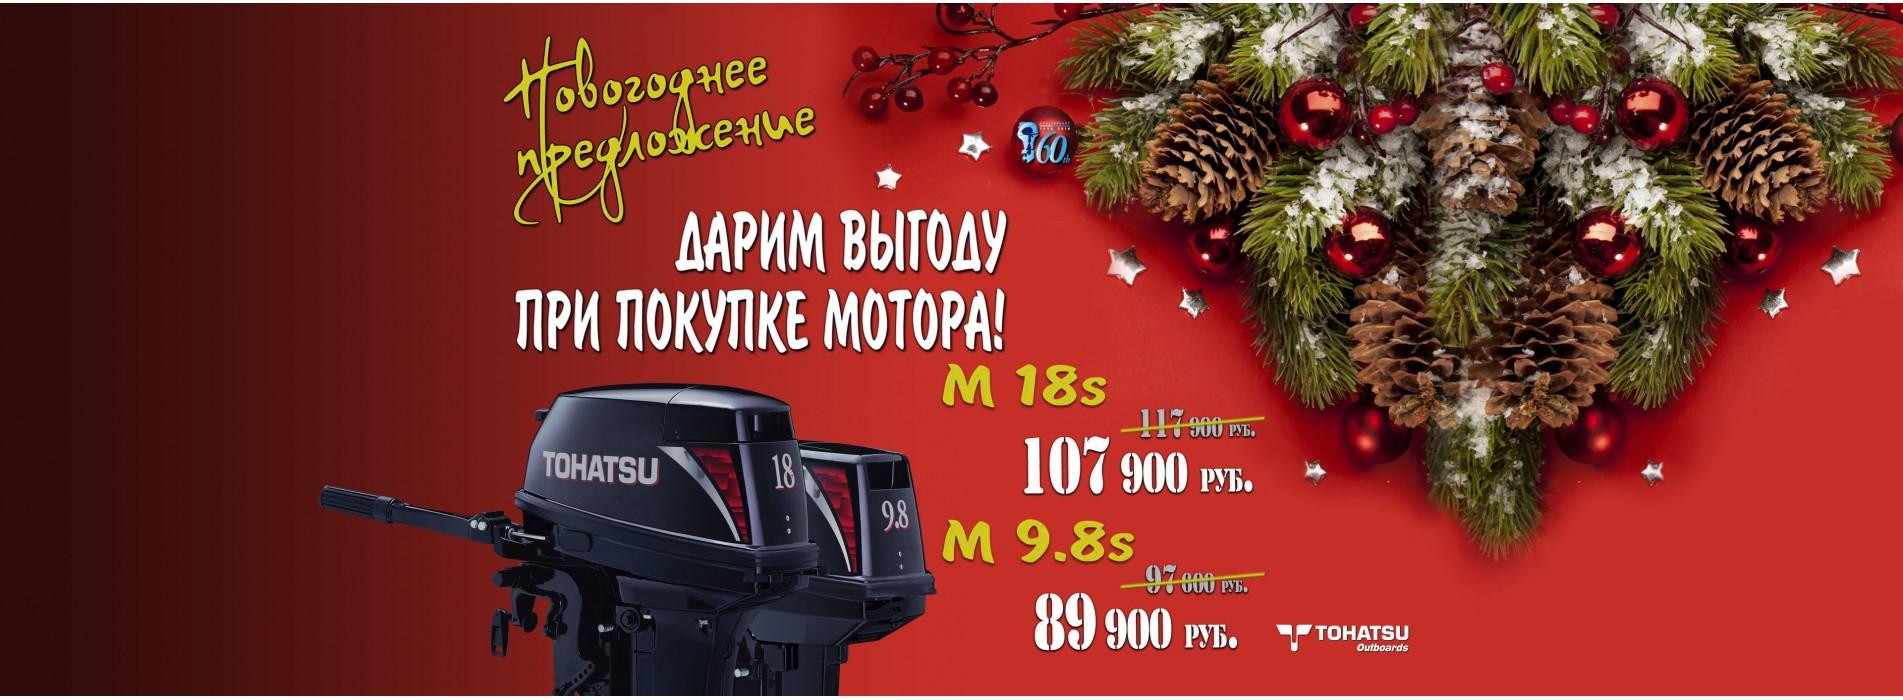 Скидка новогодняя на моторы!